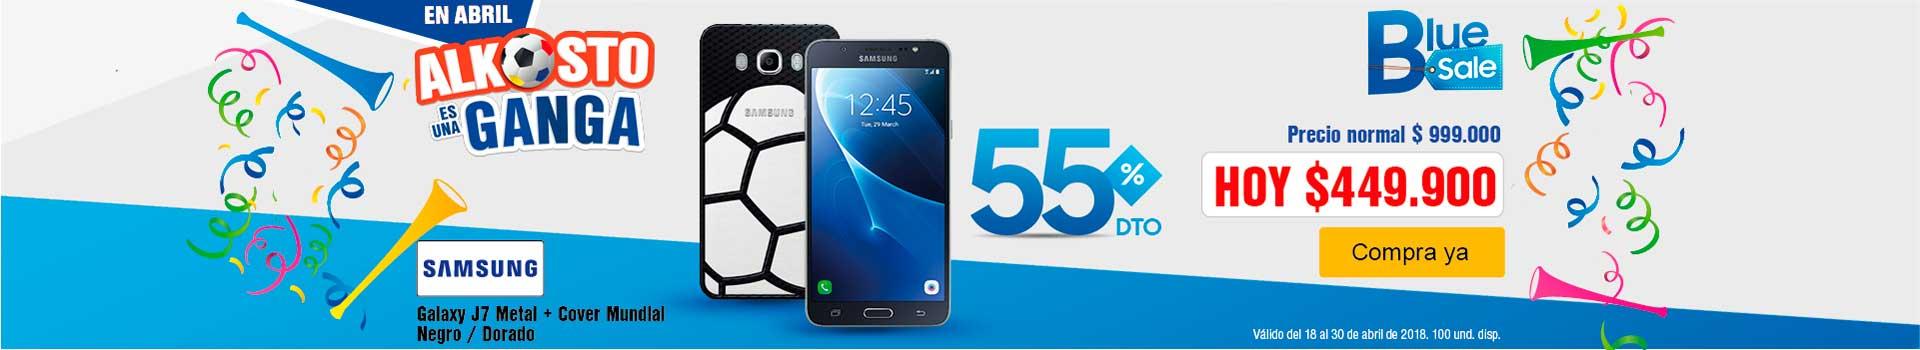 AK-HIPER-1-celulares-PP-EXPM-Samsung-J7Mundialista-Abr18